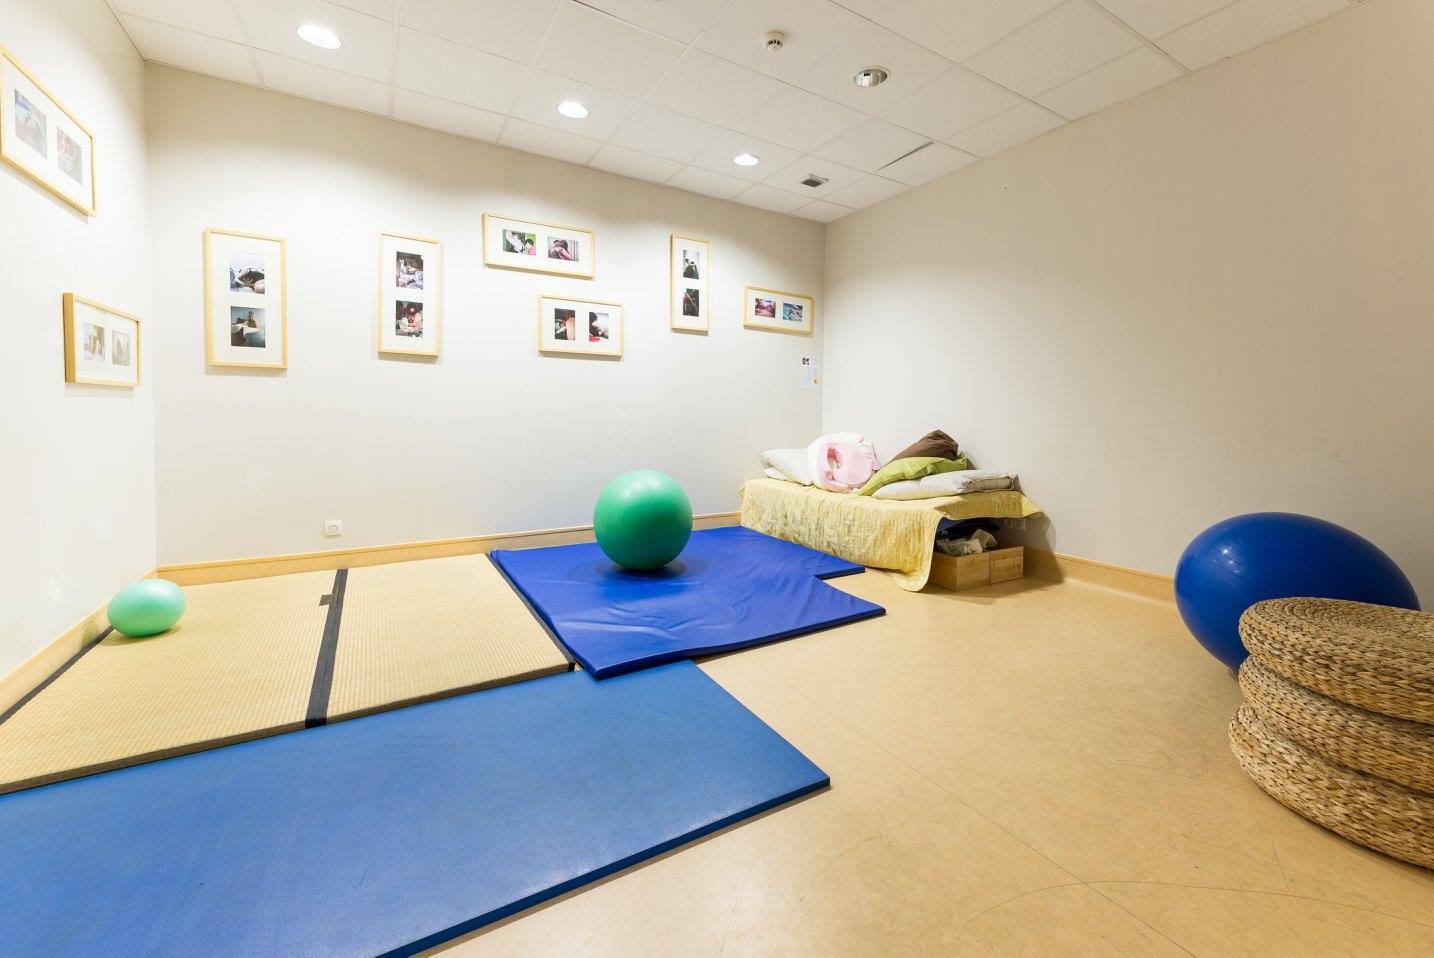 Le CALM, maison de naissance, est dans le 12ème arrondissement parisien, à la maternité des Bluets. C'est un lieu non médicalisé pour vivre la naissance.